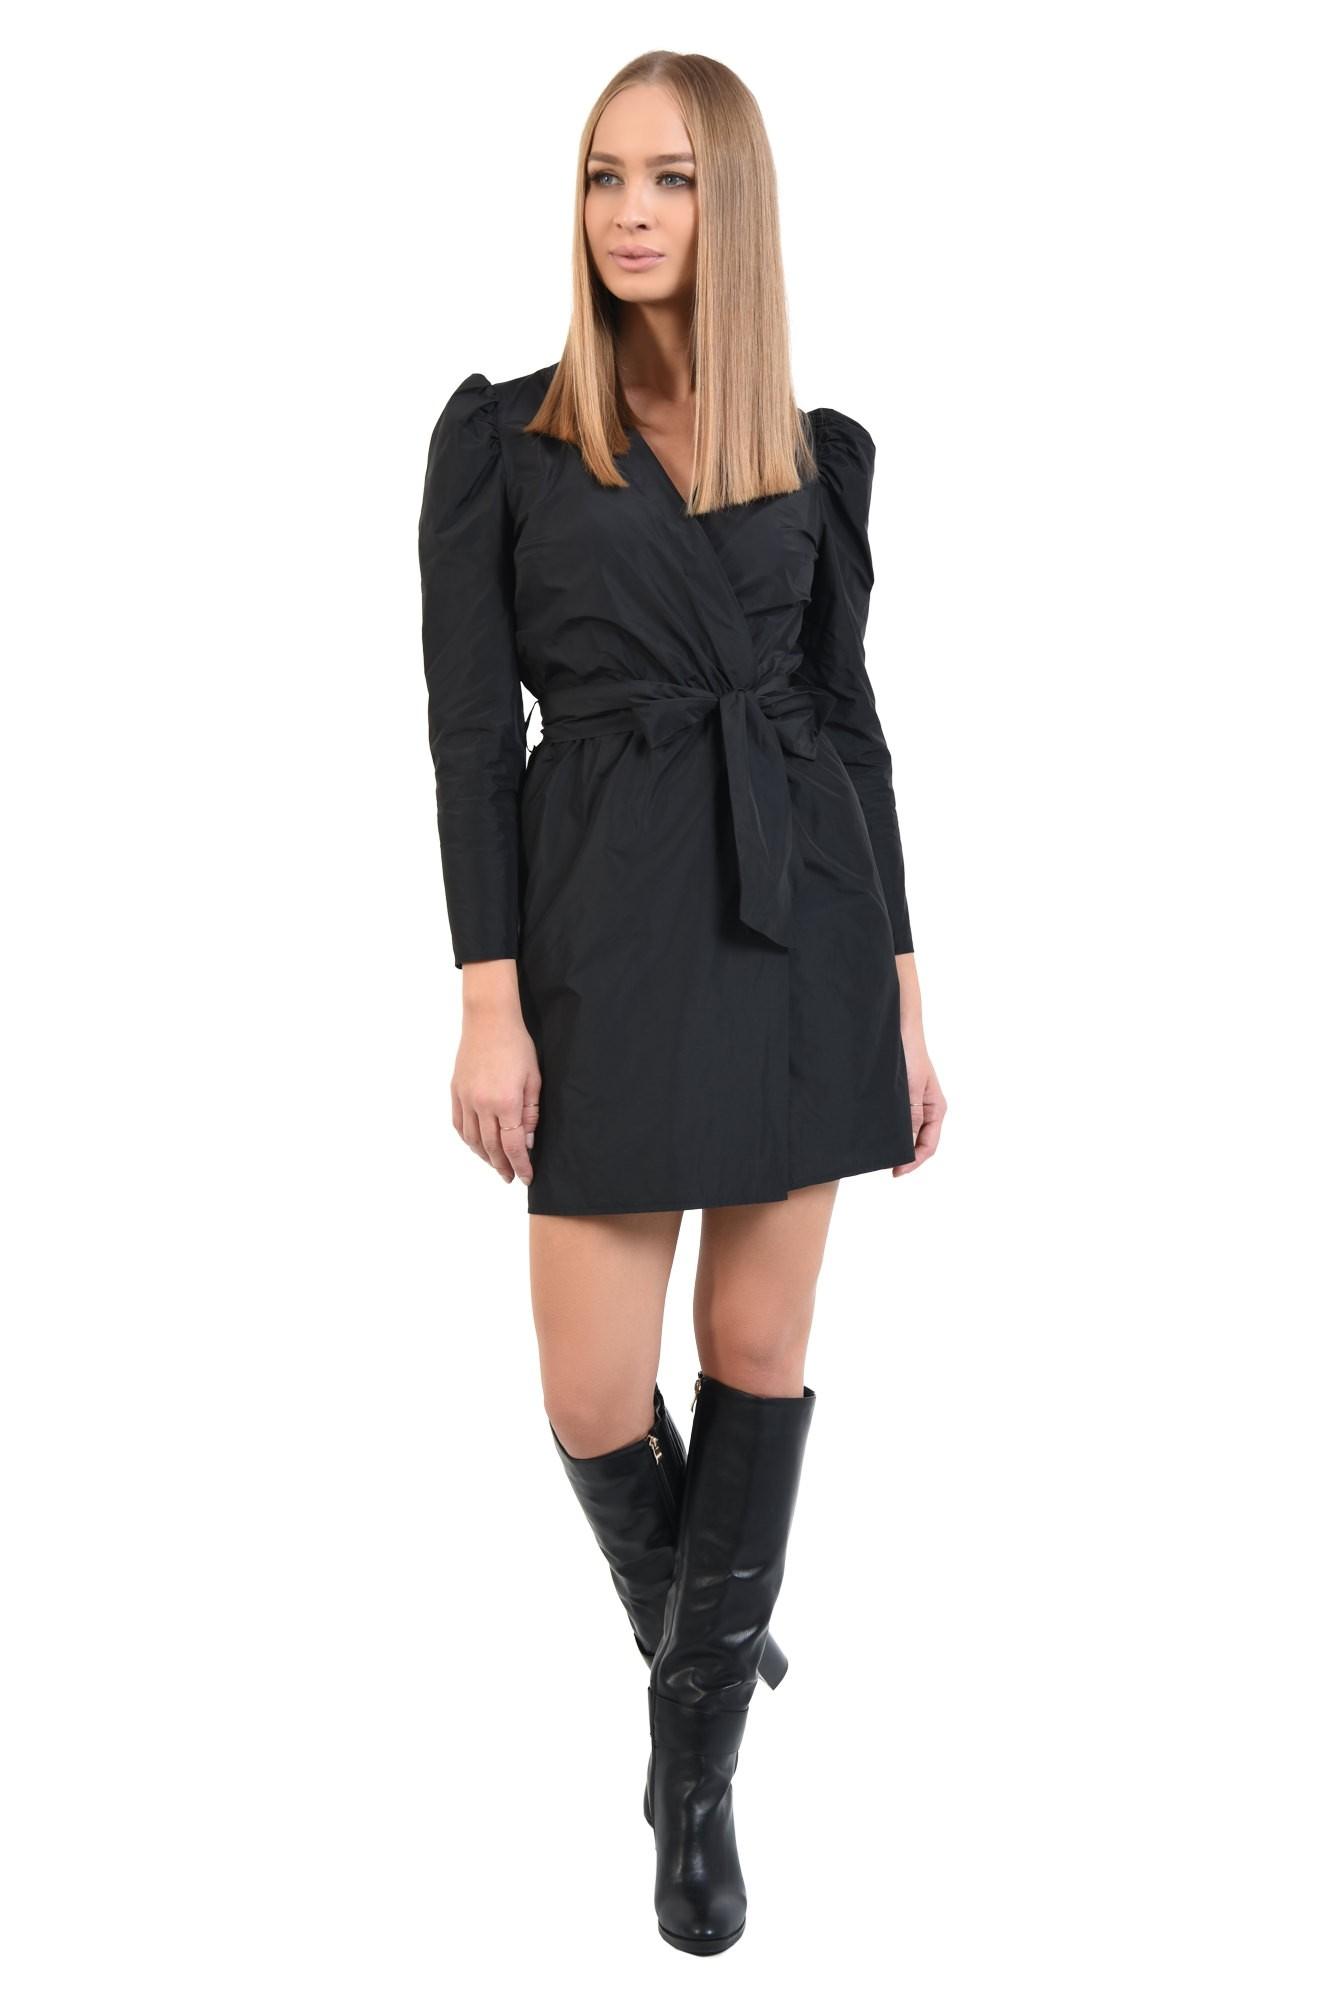 360 - rochie casual, scurta, petrecuta, neagra, cu cordon